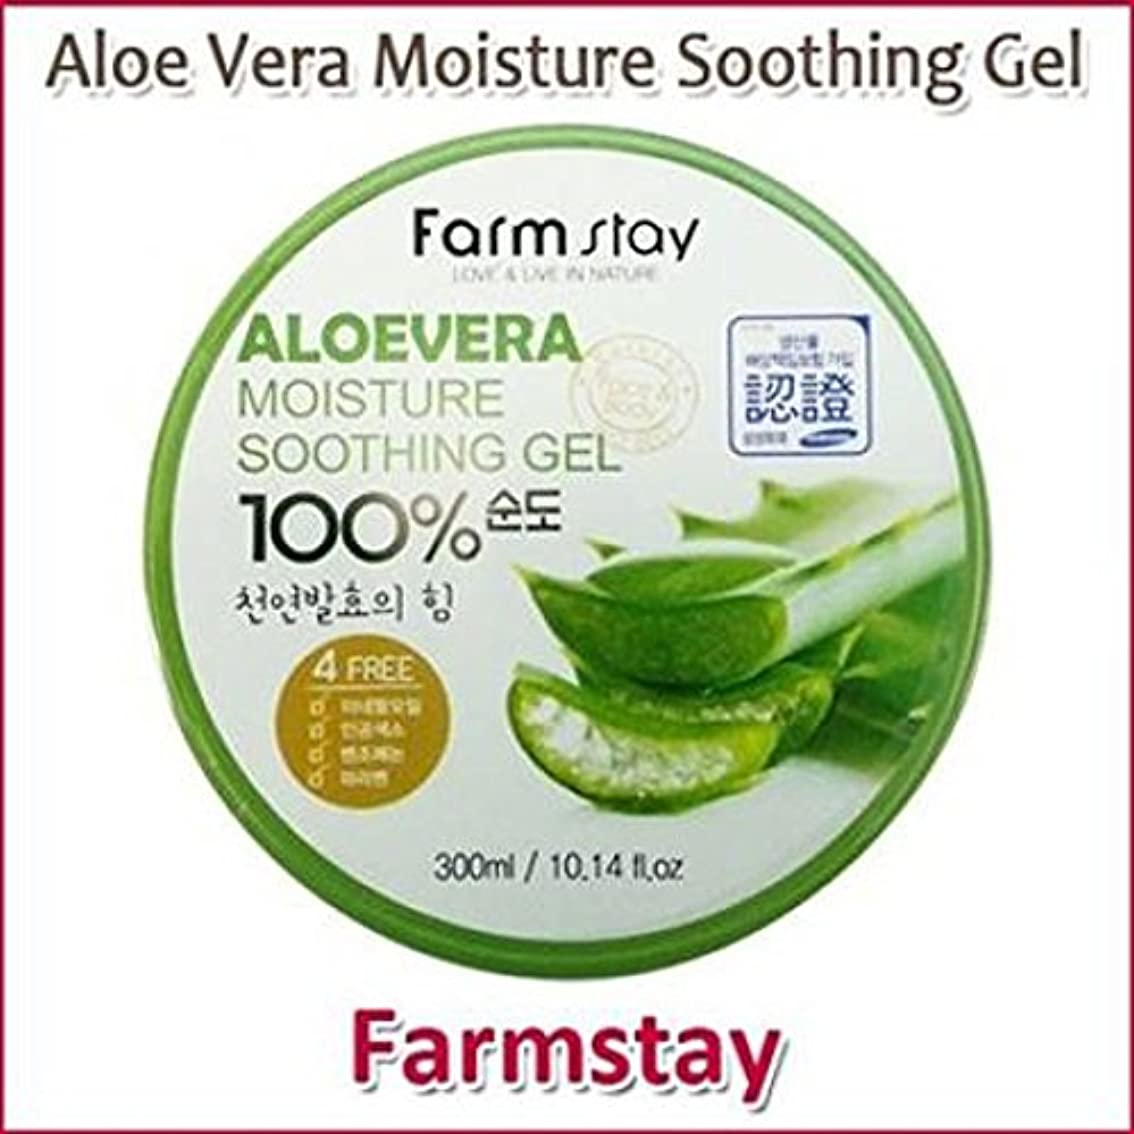 むしろ法律によりはいFarm Stay Aloe Vera Moisture Soothing Gel 300ml /オーガニック アロエベラゲル 100%/保湿ケア/韓国コスメ/Aloe Vera 100% /Moisturizing [...